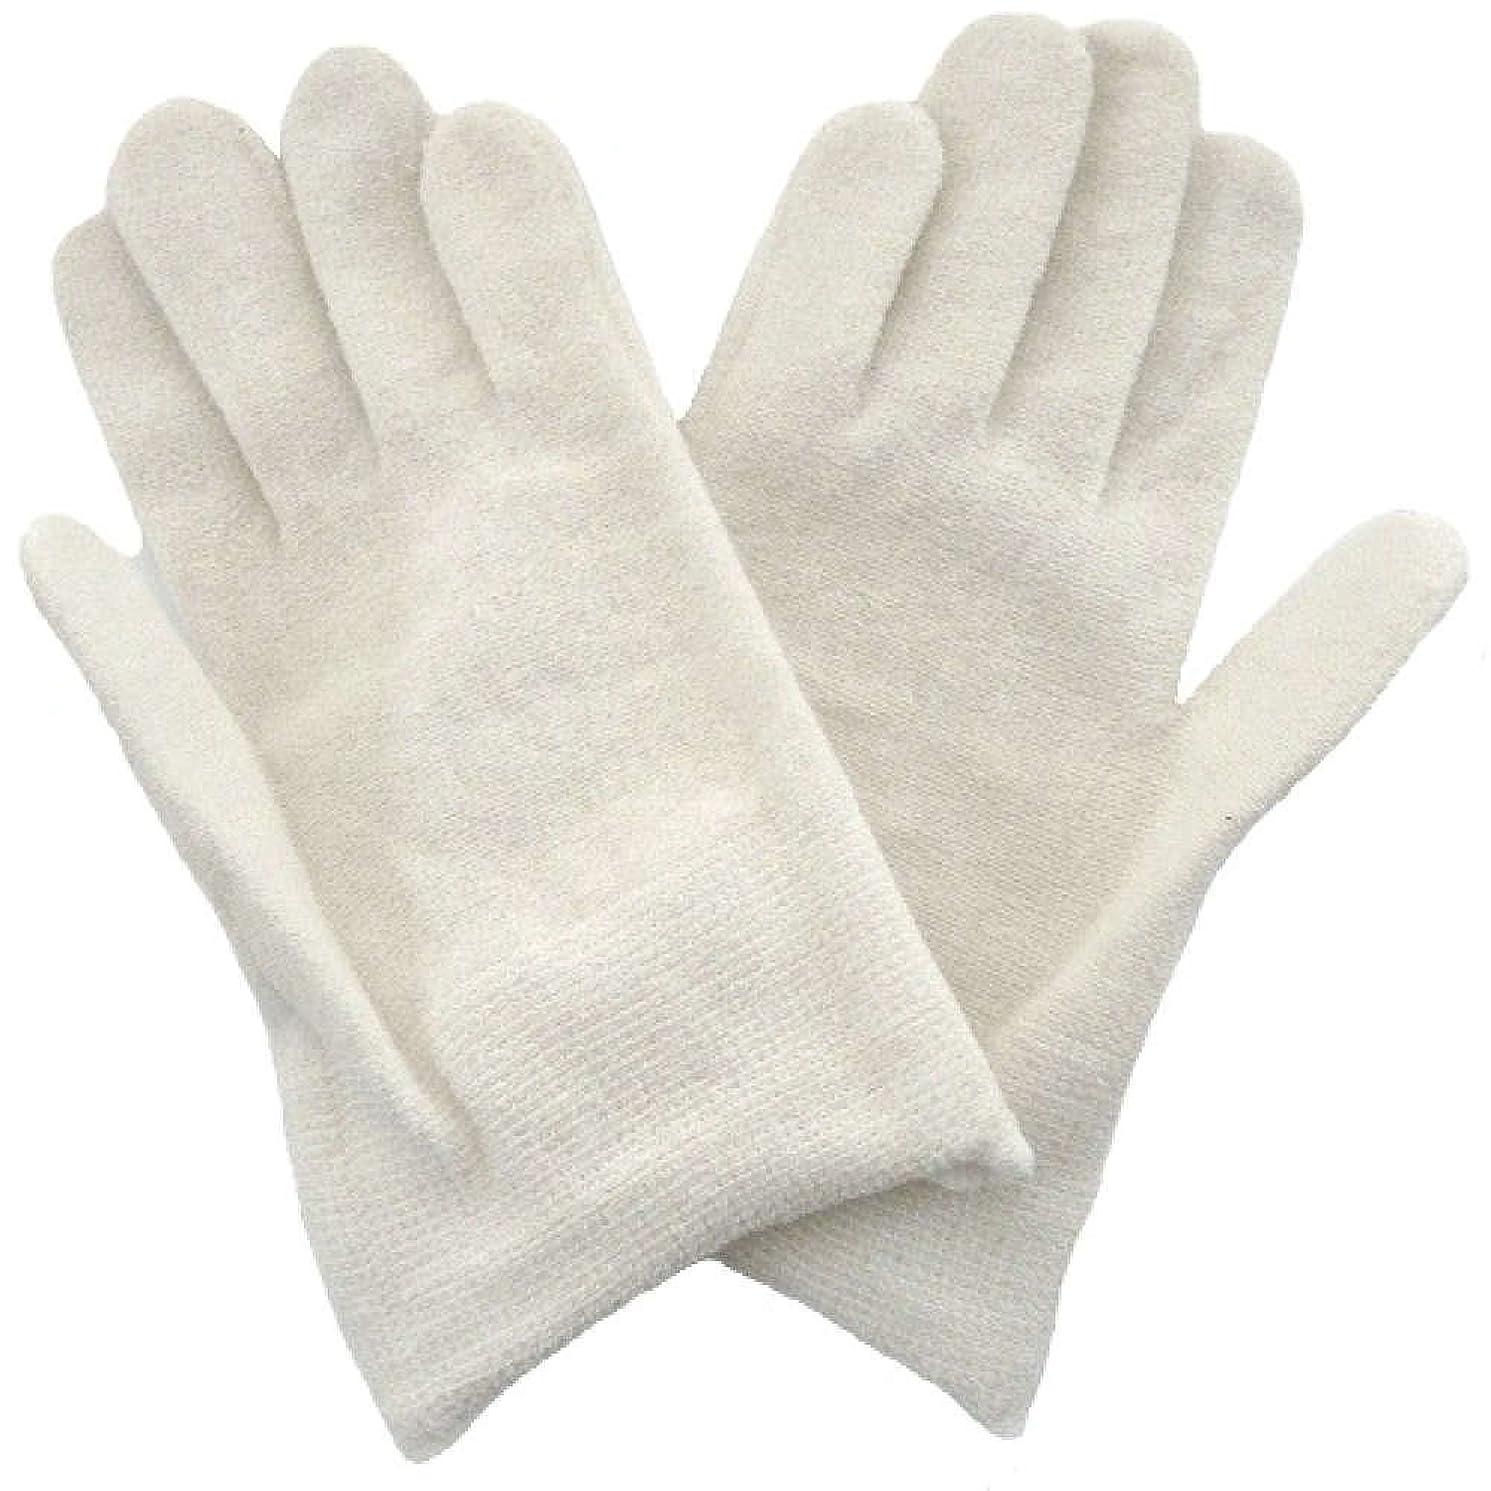 遺伝的前置詞いたずら【アトピー】【水疱瘡】【皮膚炎】 ナノミックス おやすみ手袋:キッズ用 ホワイト